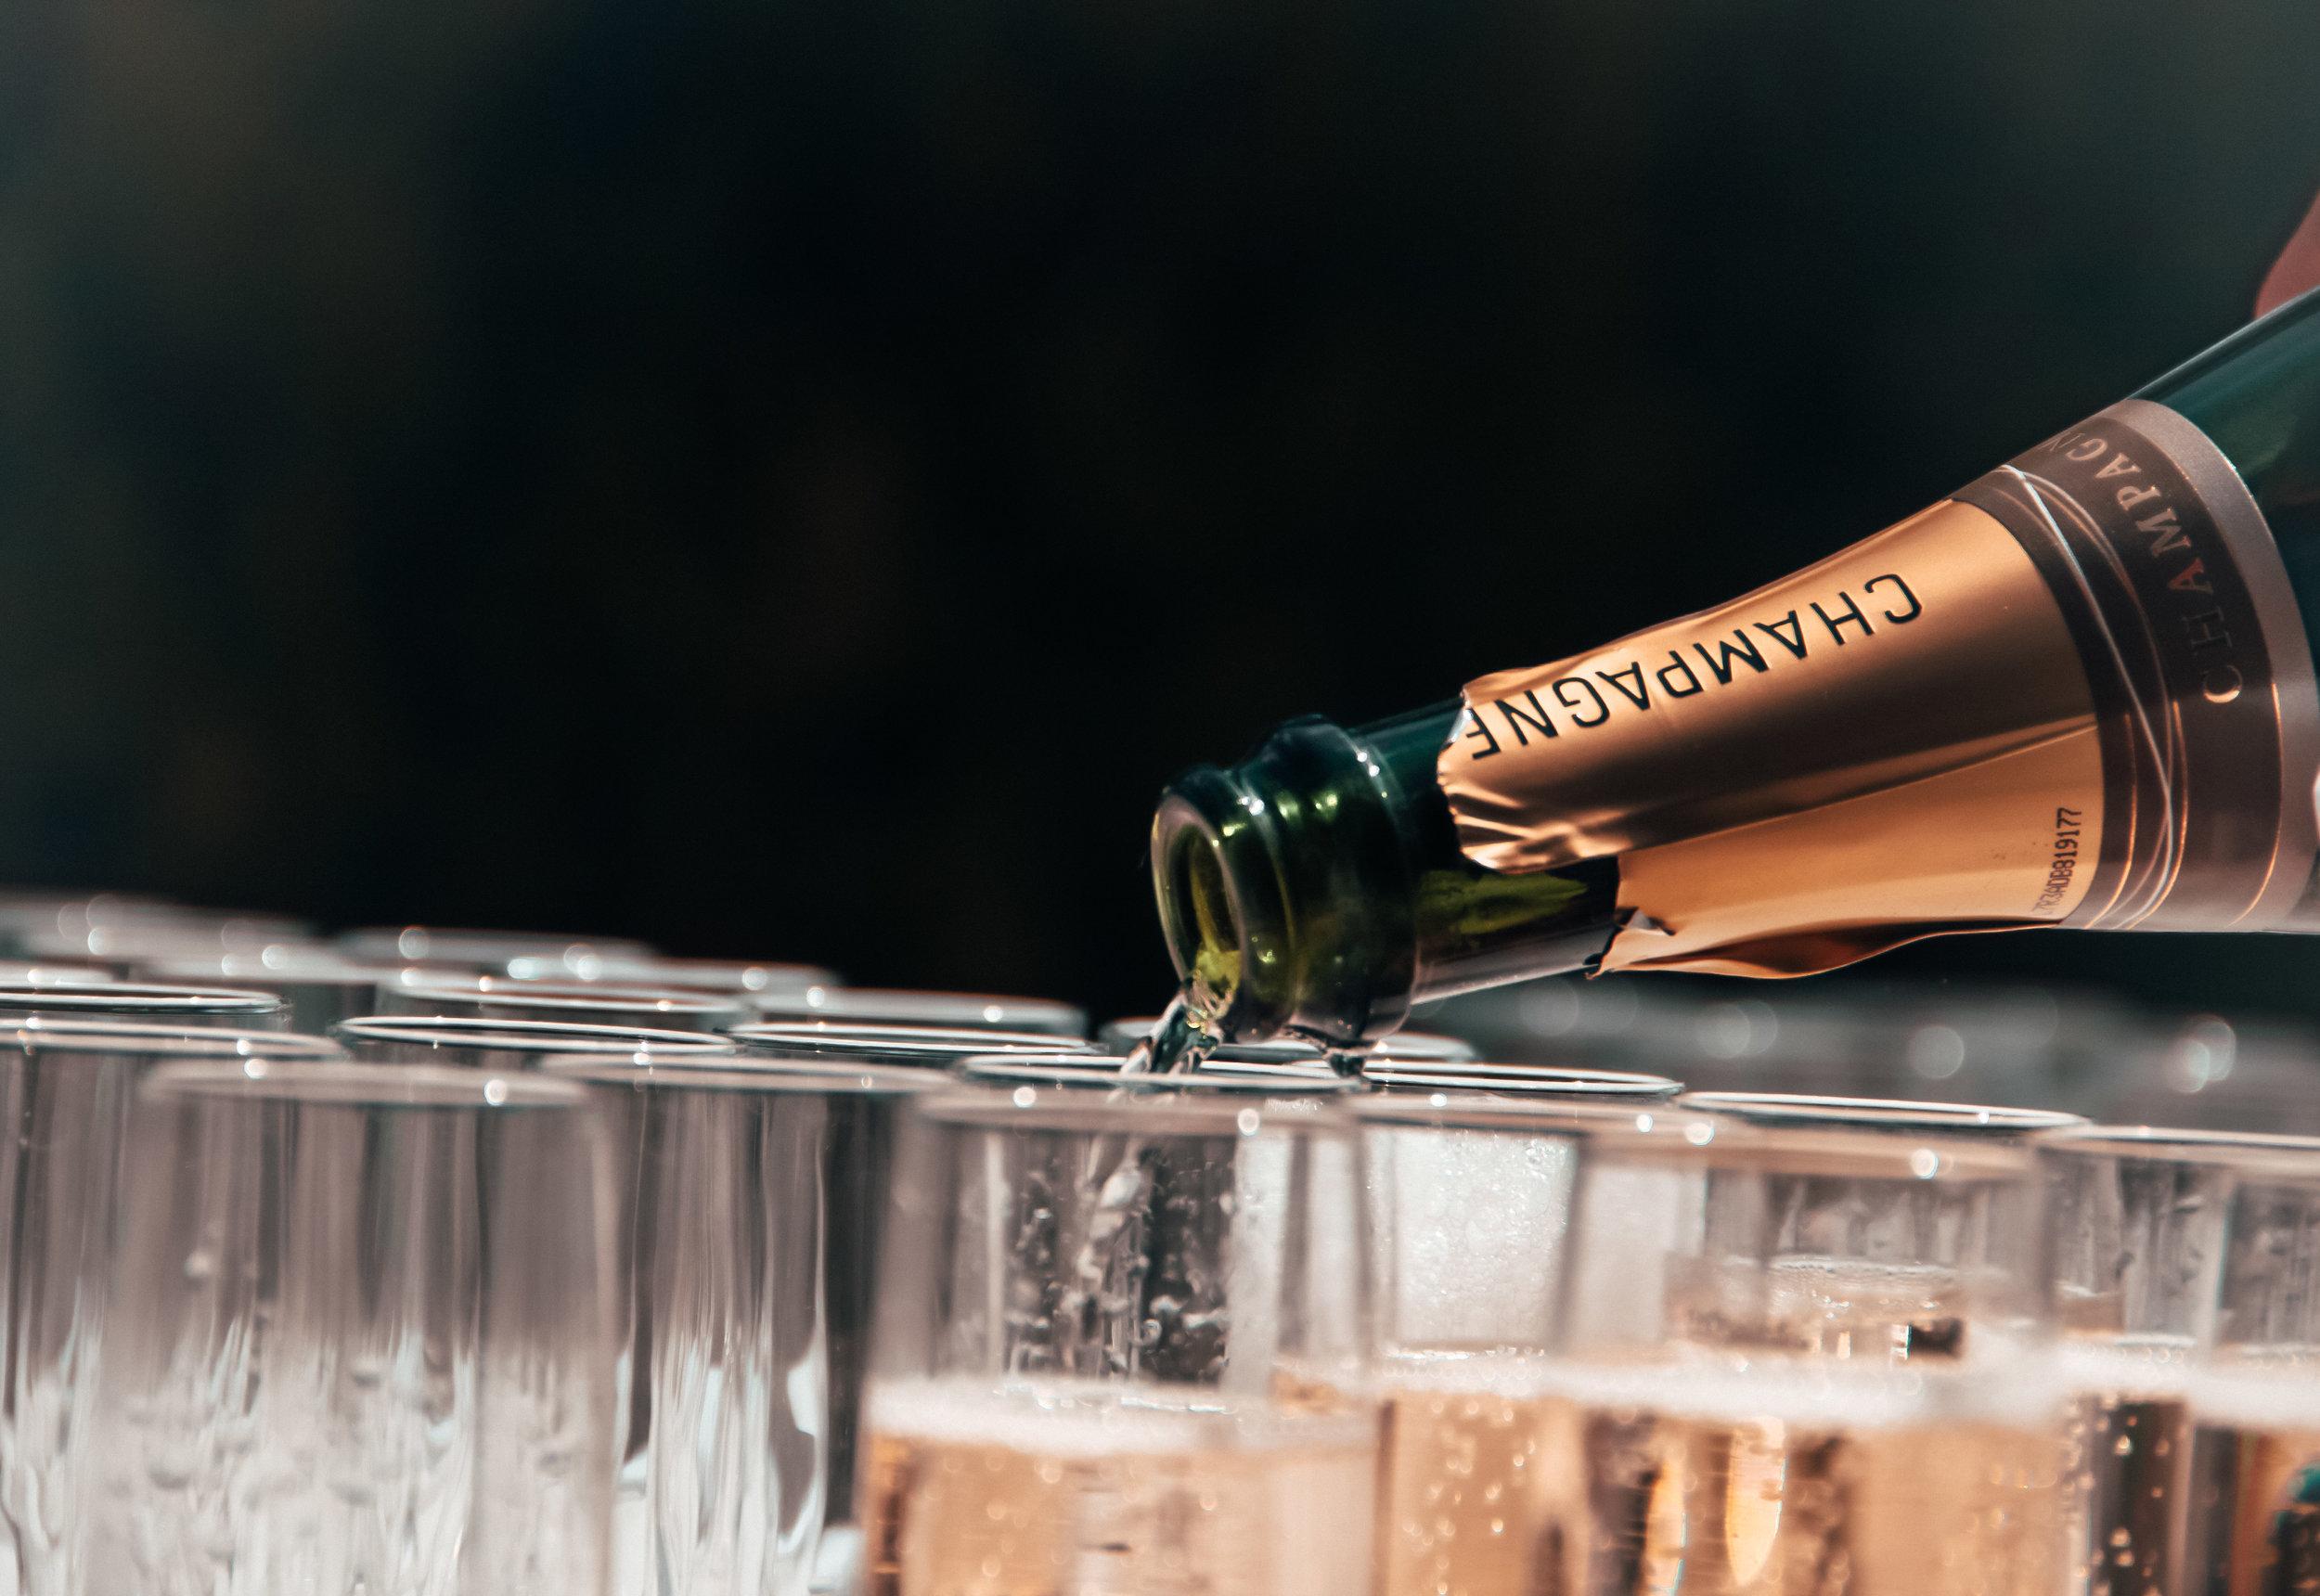 Bubbels - Mousserende wijnen, wie is er niet dol op? Vaak laten we de kurken knallen om iets te vieren en drinken we ons glaasje leeg zonder na de denken. Zonde! Er valt zo veel te proeven en te ontdekken bij mousserende wijnen. Door de speciaal geselecteerde wijnen ontdekt u onder andere de verschillende manieren waarop mousserende wijnen zoals champagne, cava en prosecco gemaakt worden. Hierbij komen ook verschillen in kwaliteit aan bod. En uiteraard is het ook gewoon lekker lachen en genieten!